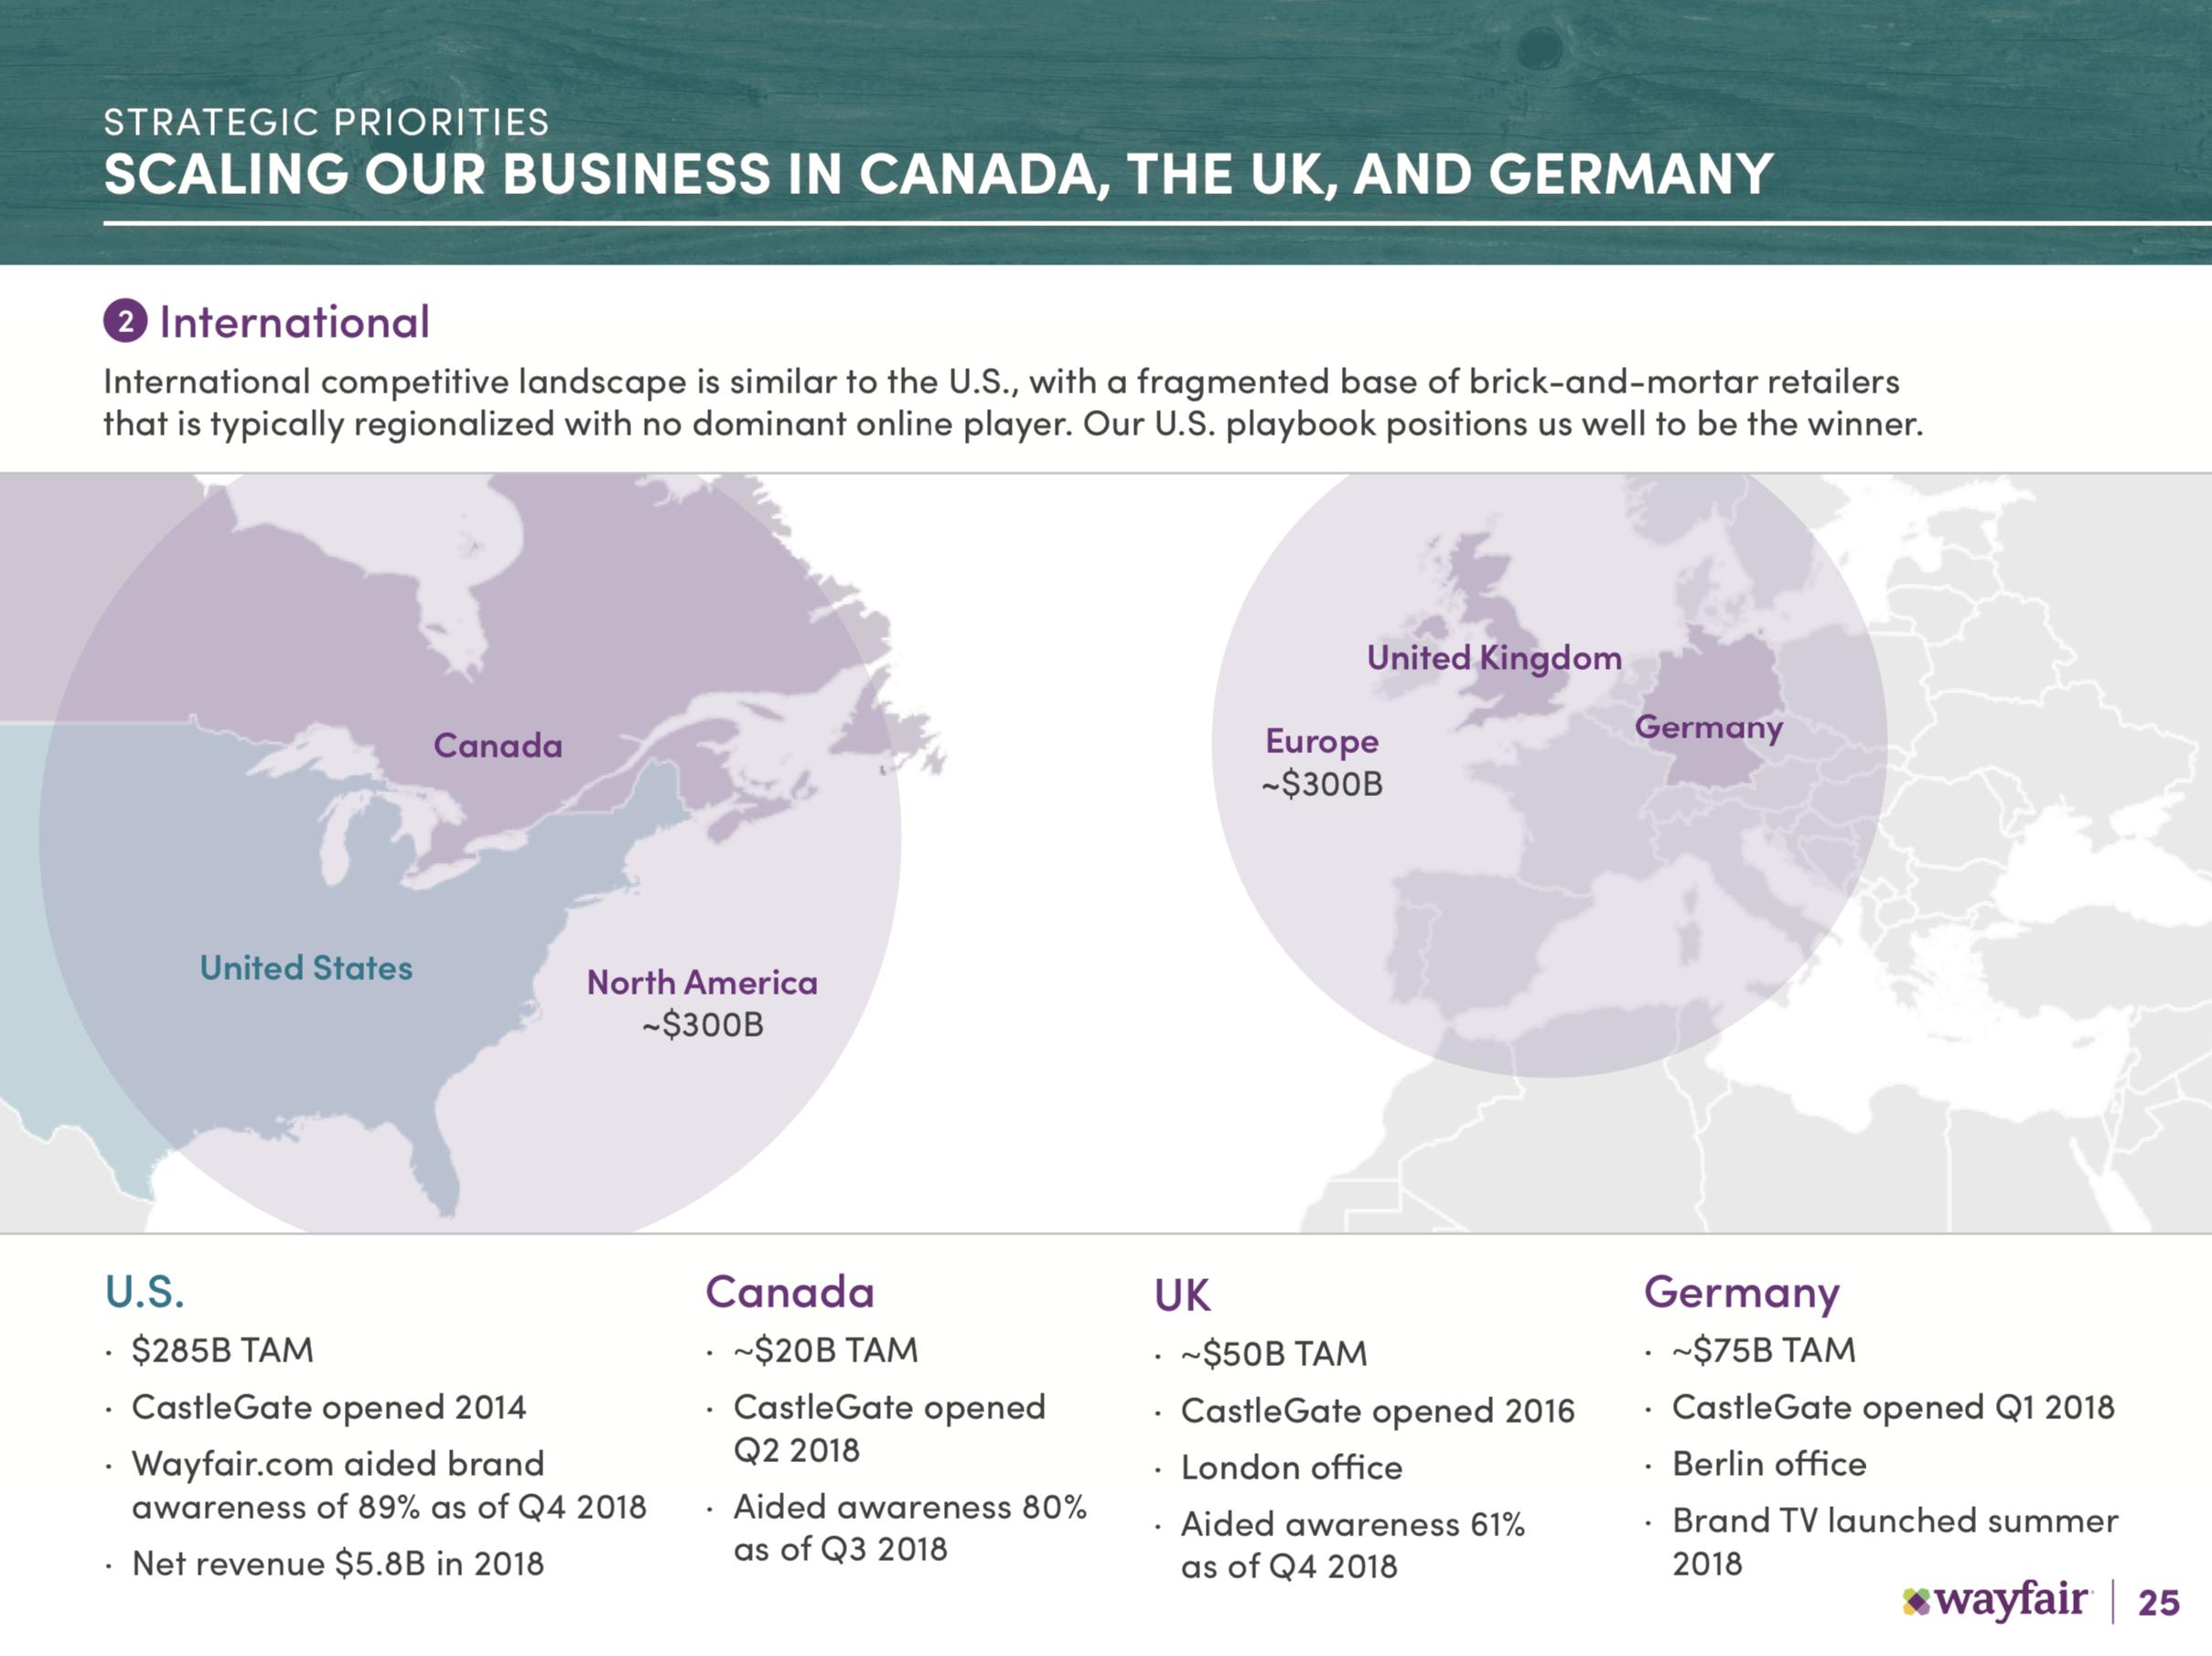 A chart detailing Wayfair's international ambitions.